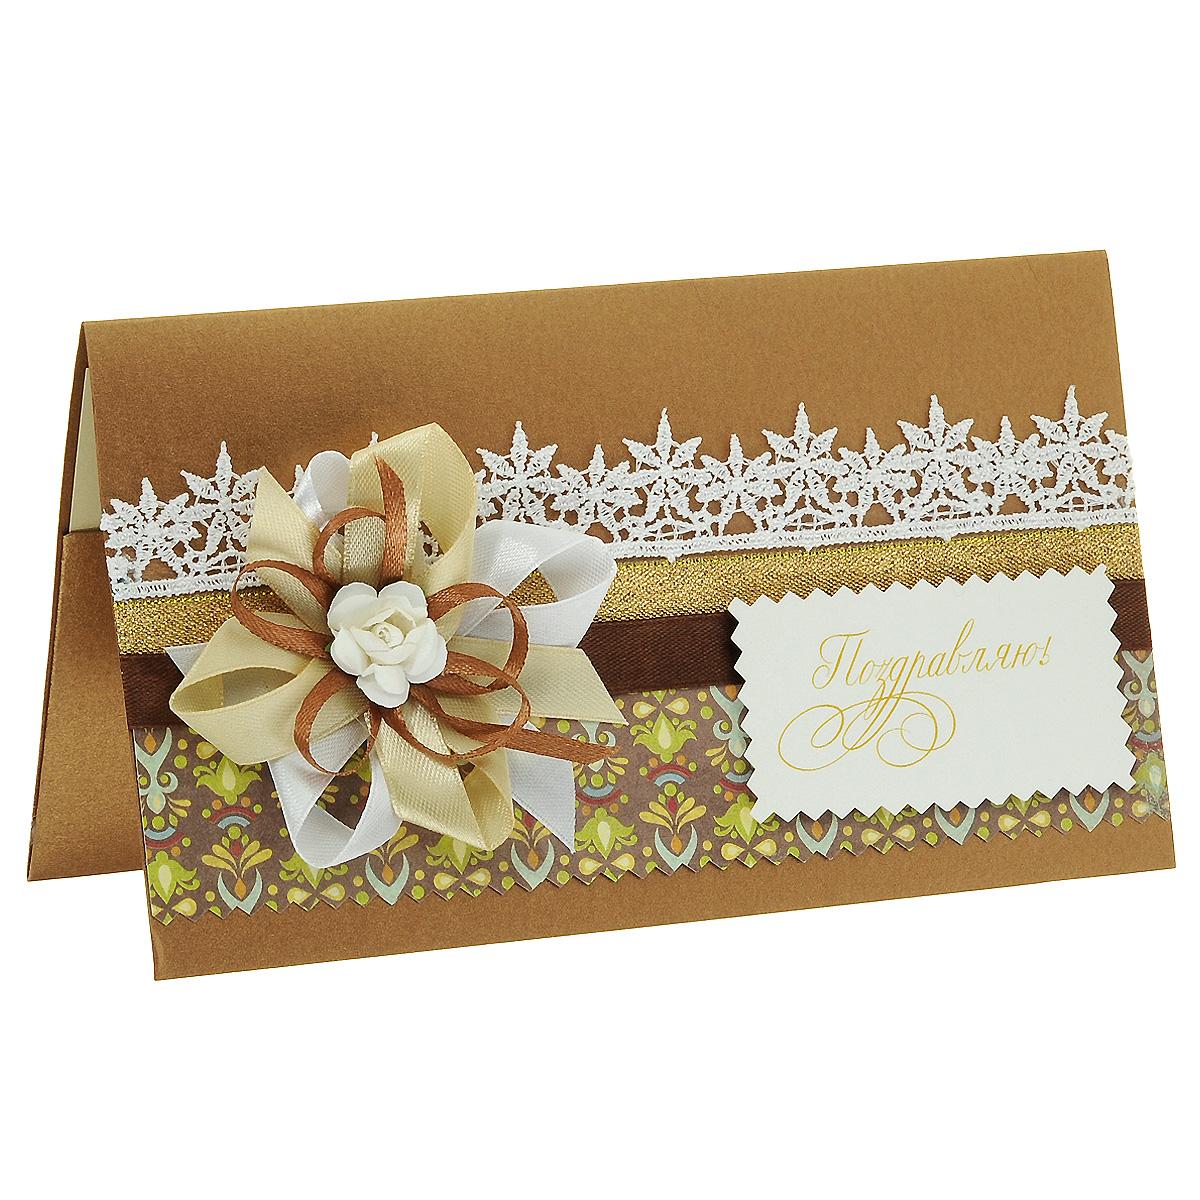 ОЖ-0017 Открытка-конверт «Поздравляю!». Студия «Тётя Роза» париж открытка